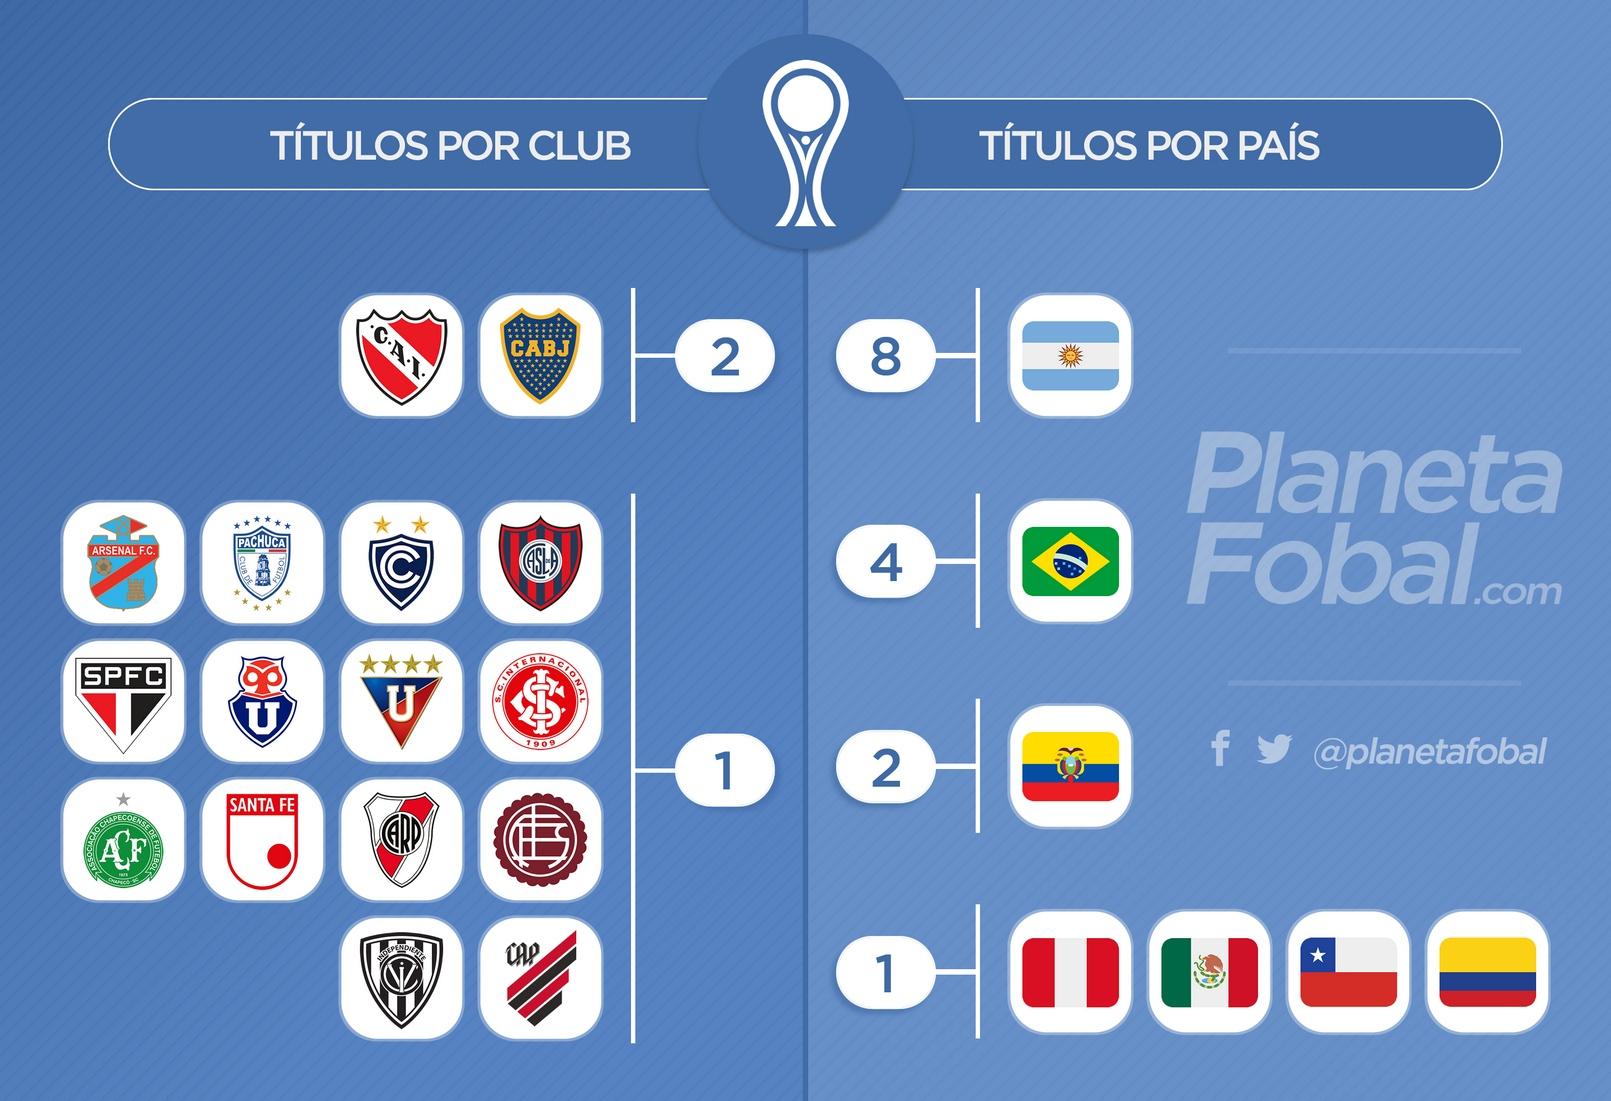 Cantidad de títulos por clubes y países en la Copa CONMEBOL Sudamericana | @planetafobal